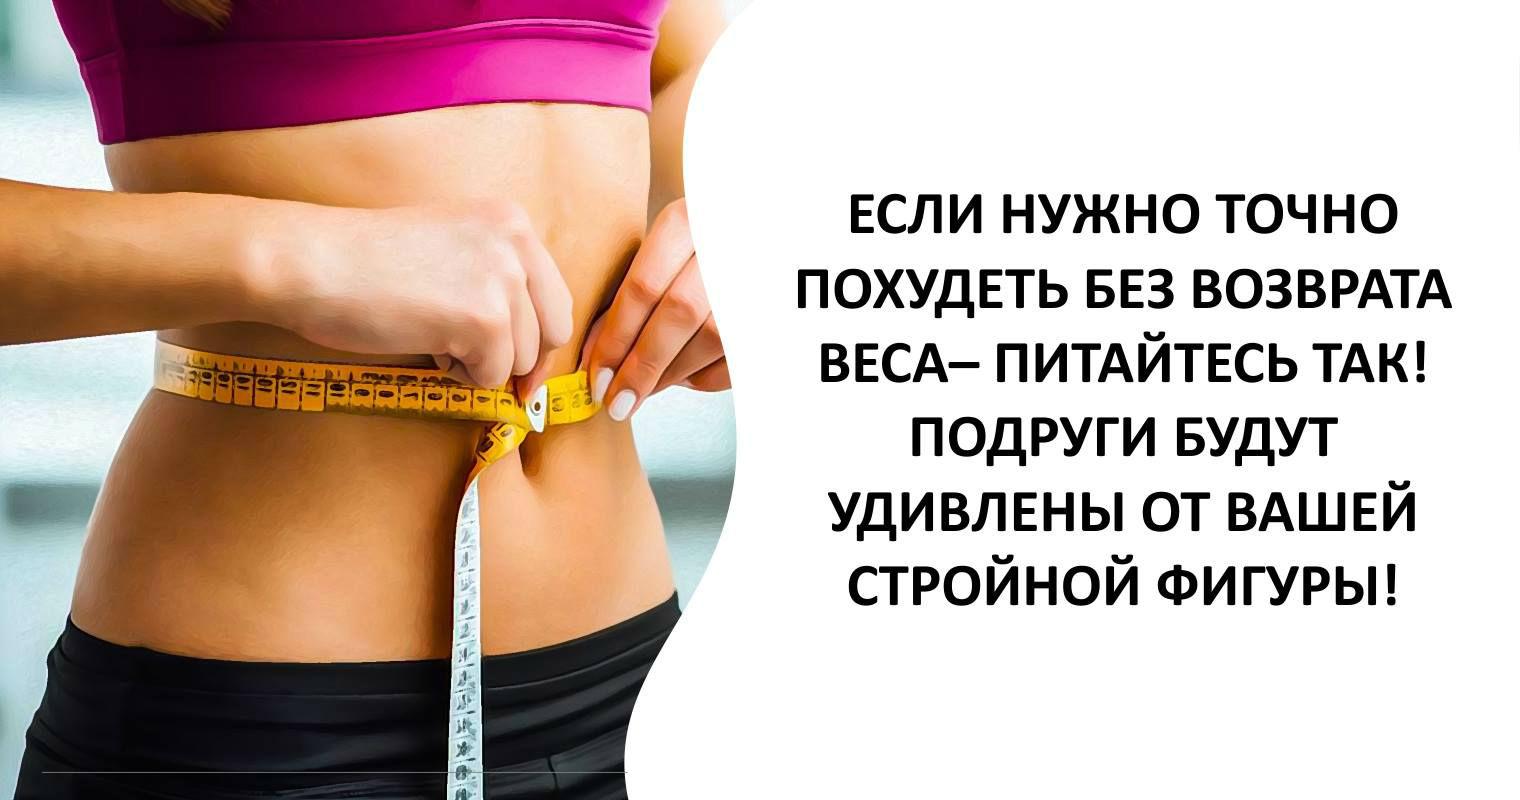 Слушать музыку нужно похудеть